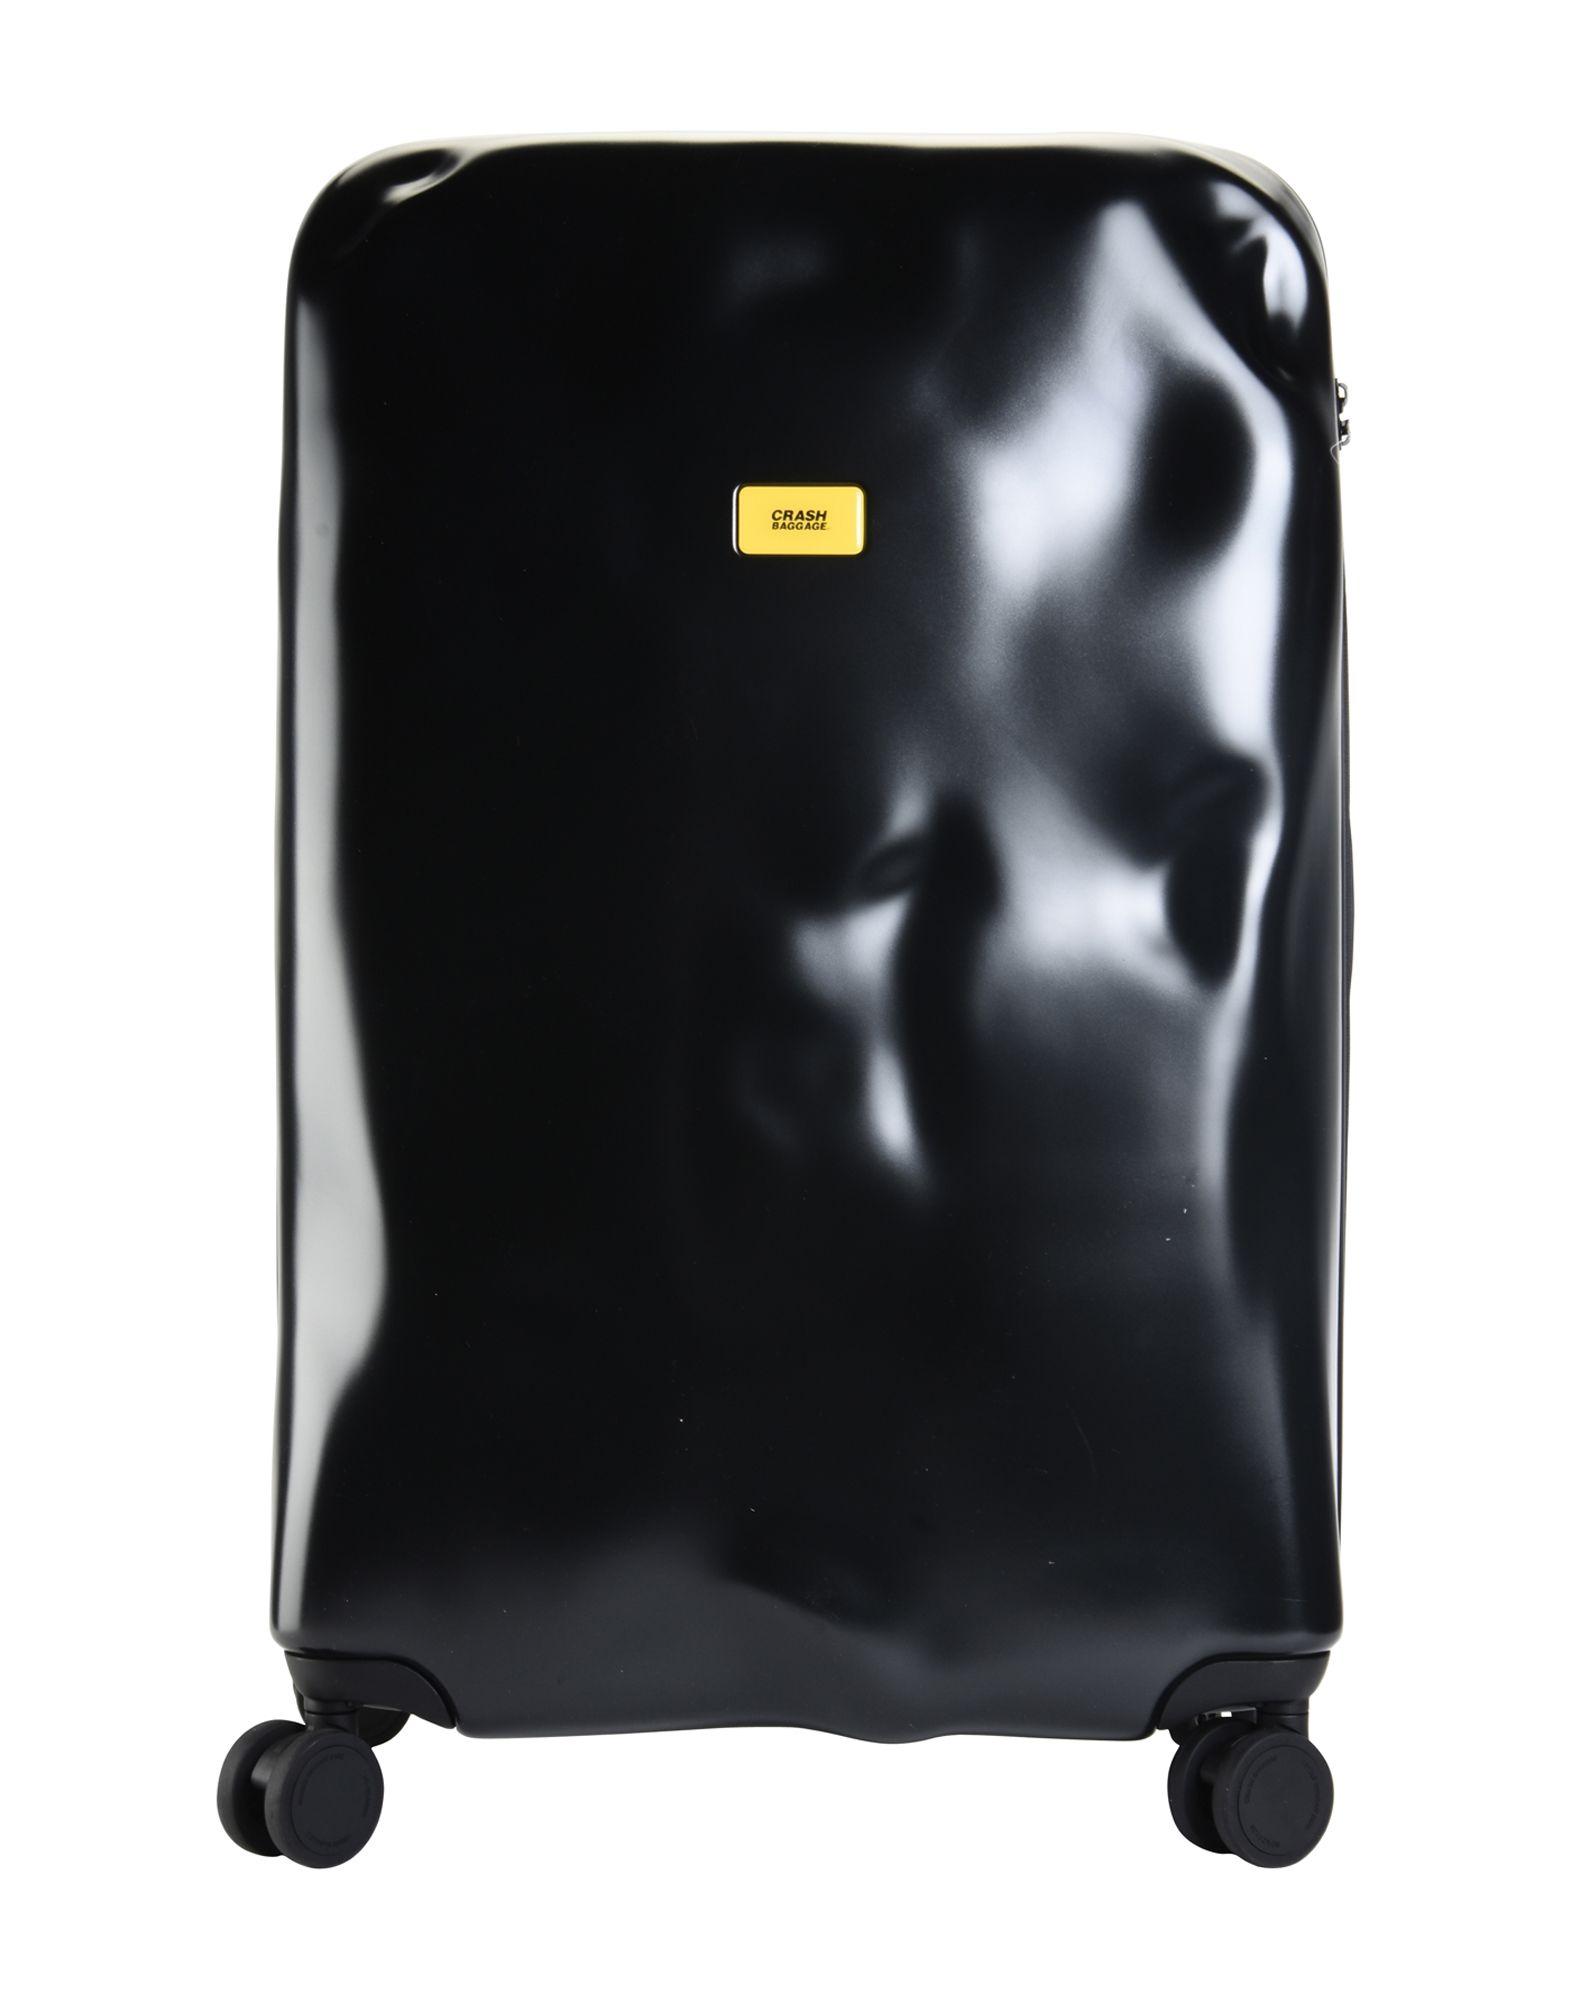 YOOX.COM(ユークス)《送料無料》CRASH BAGGAGE Unisex キャスター付きバッグ ブラック ポリカーボネート ICON Large 4w.